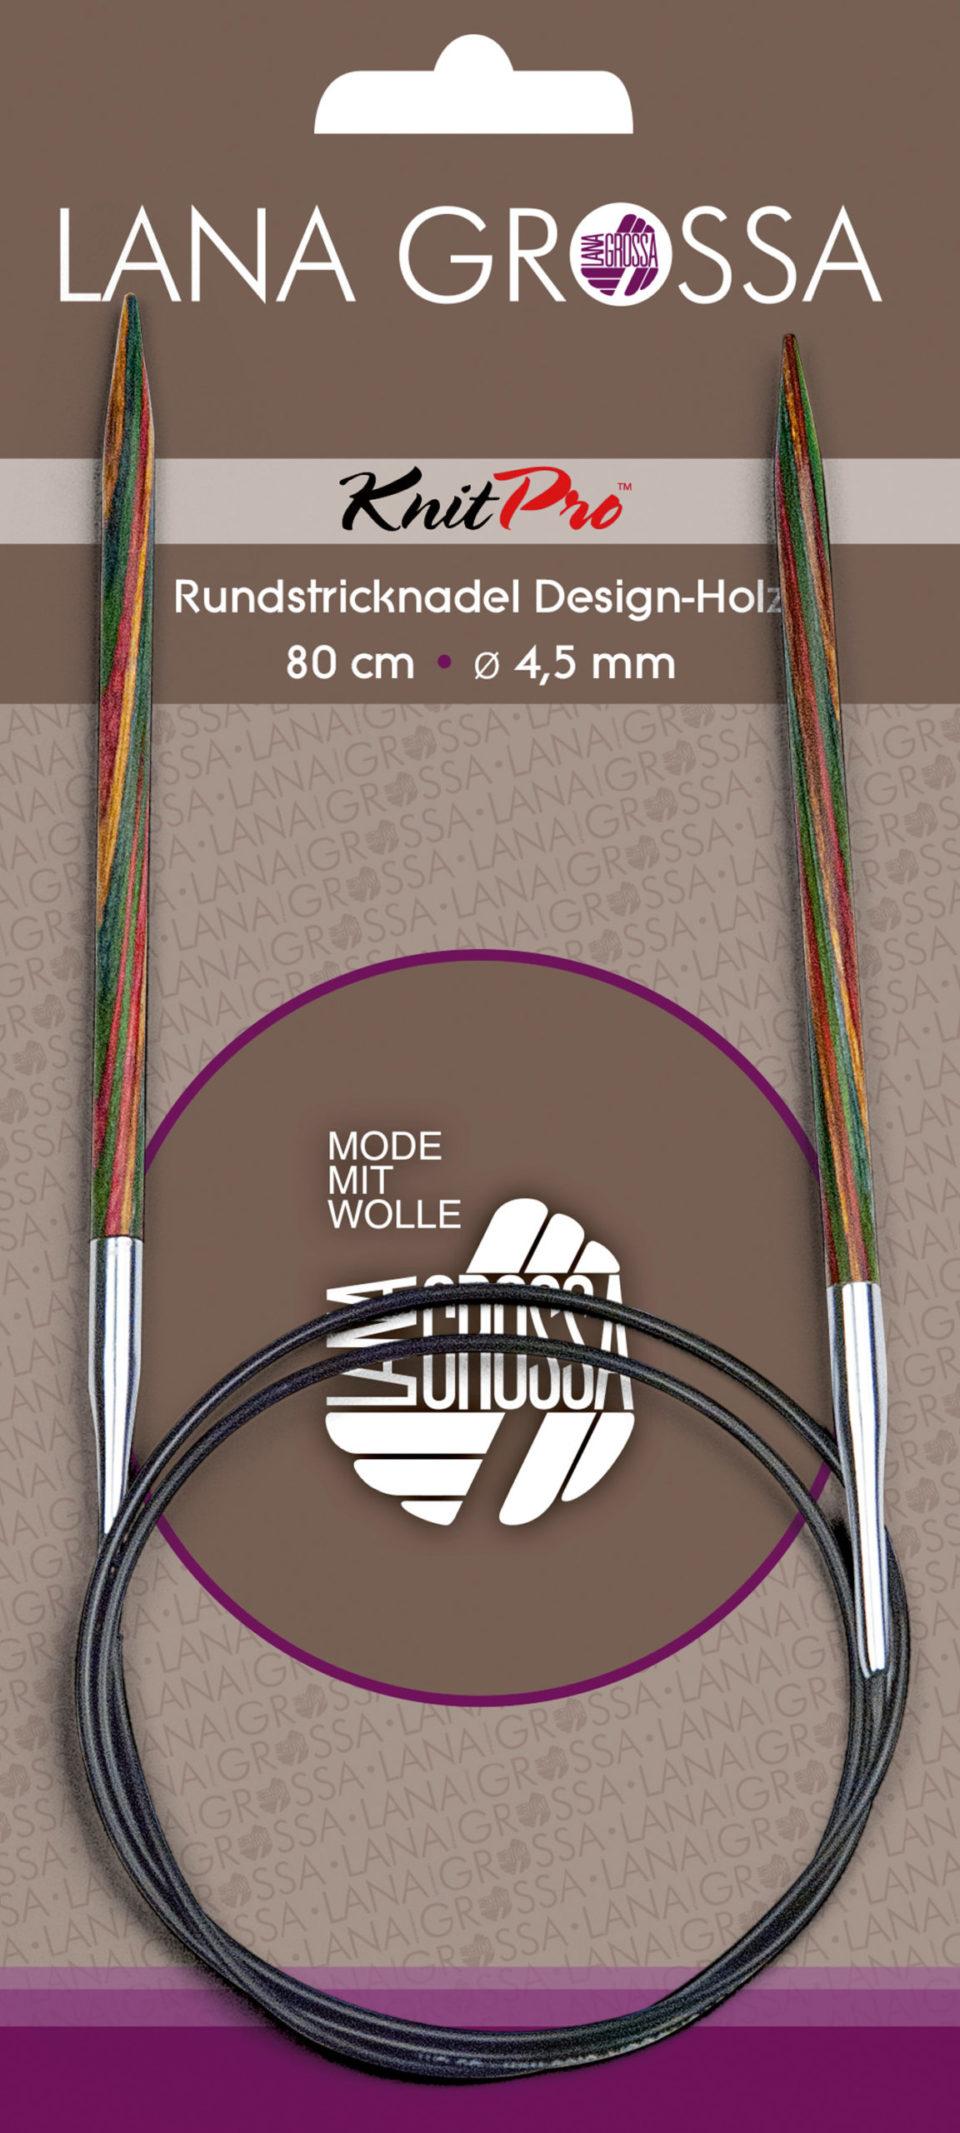 Rundstricknadel Designholz 80 cm Länge